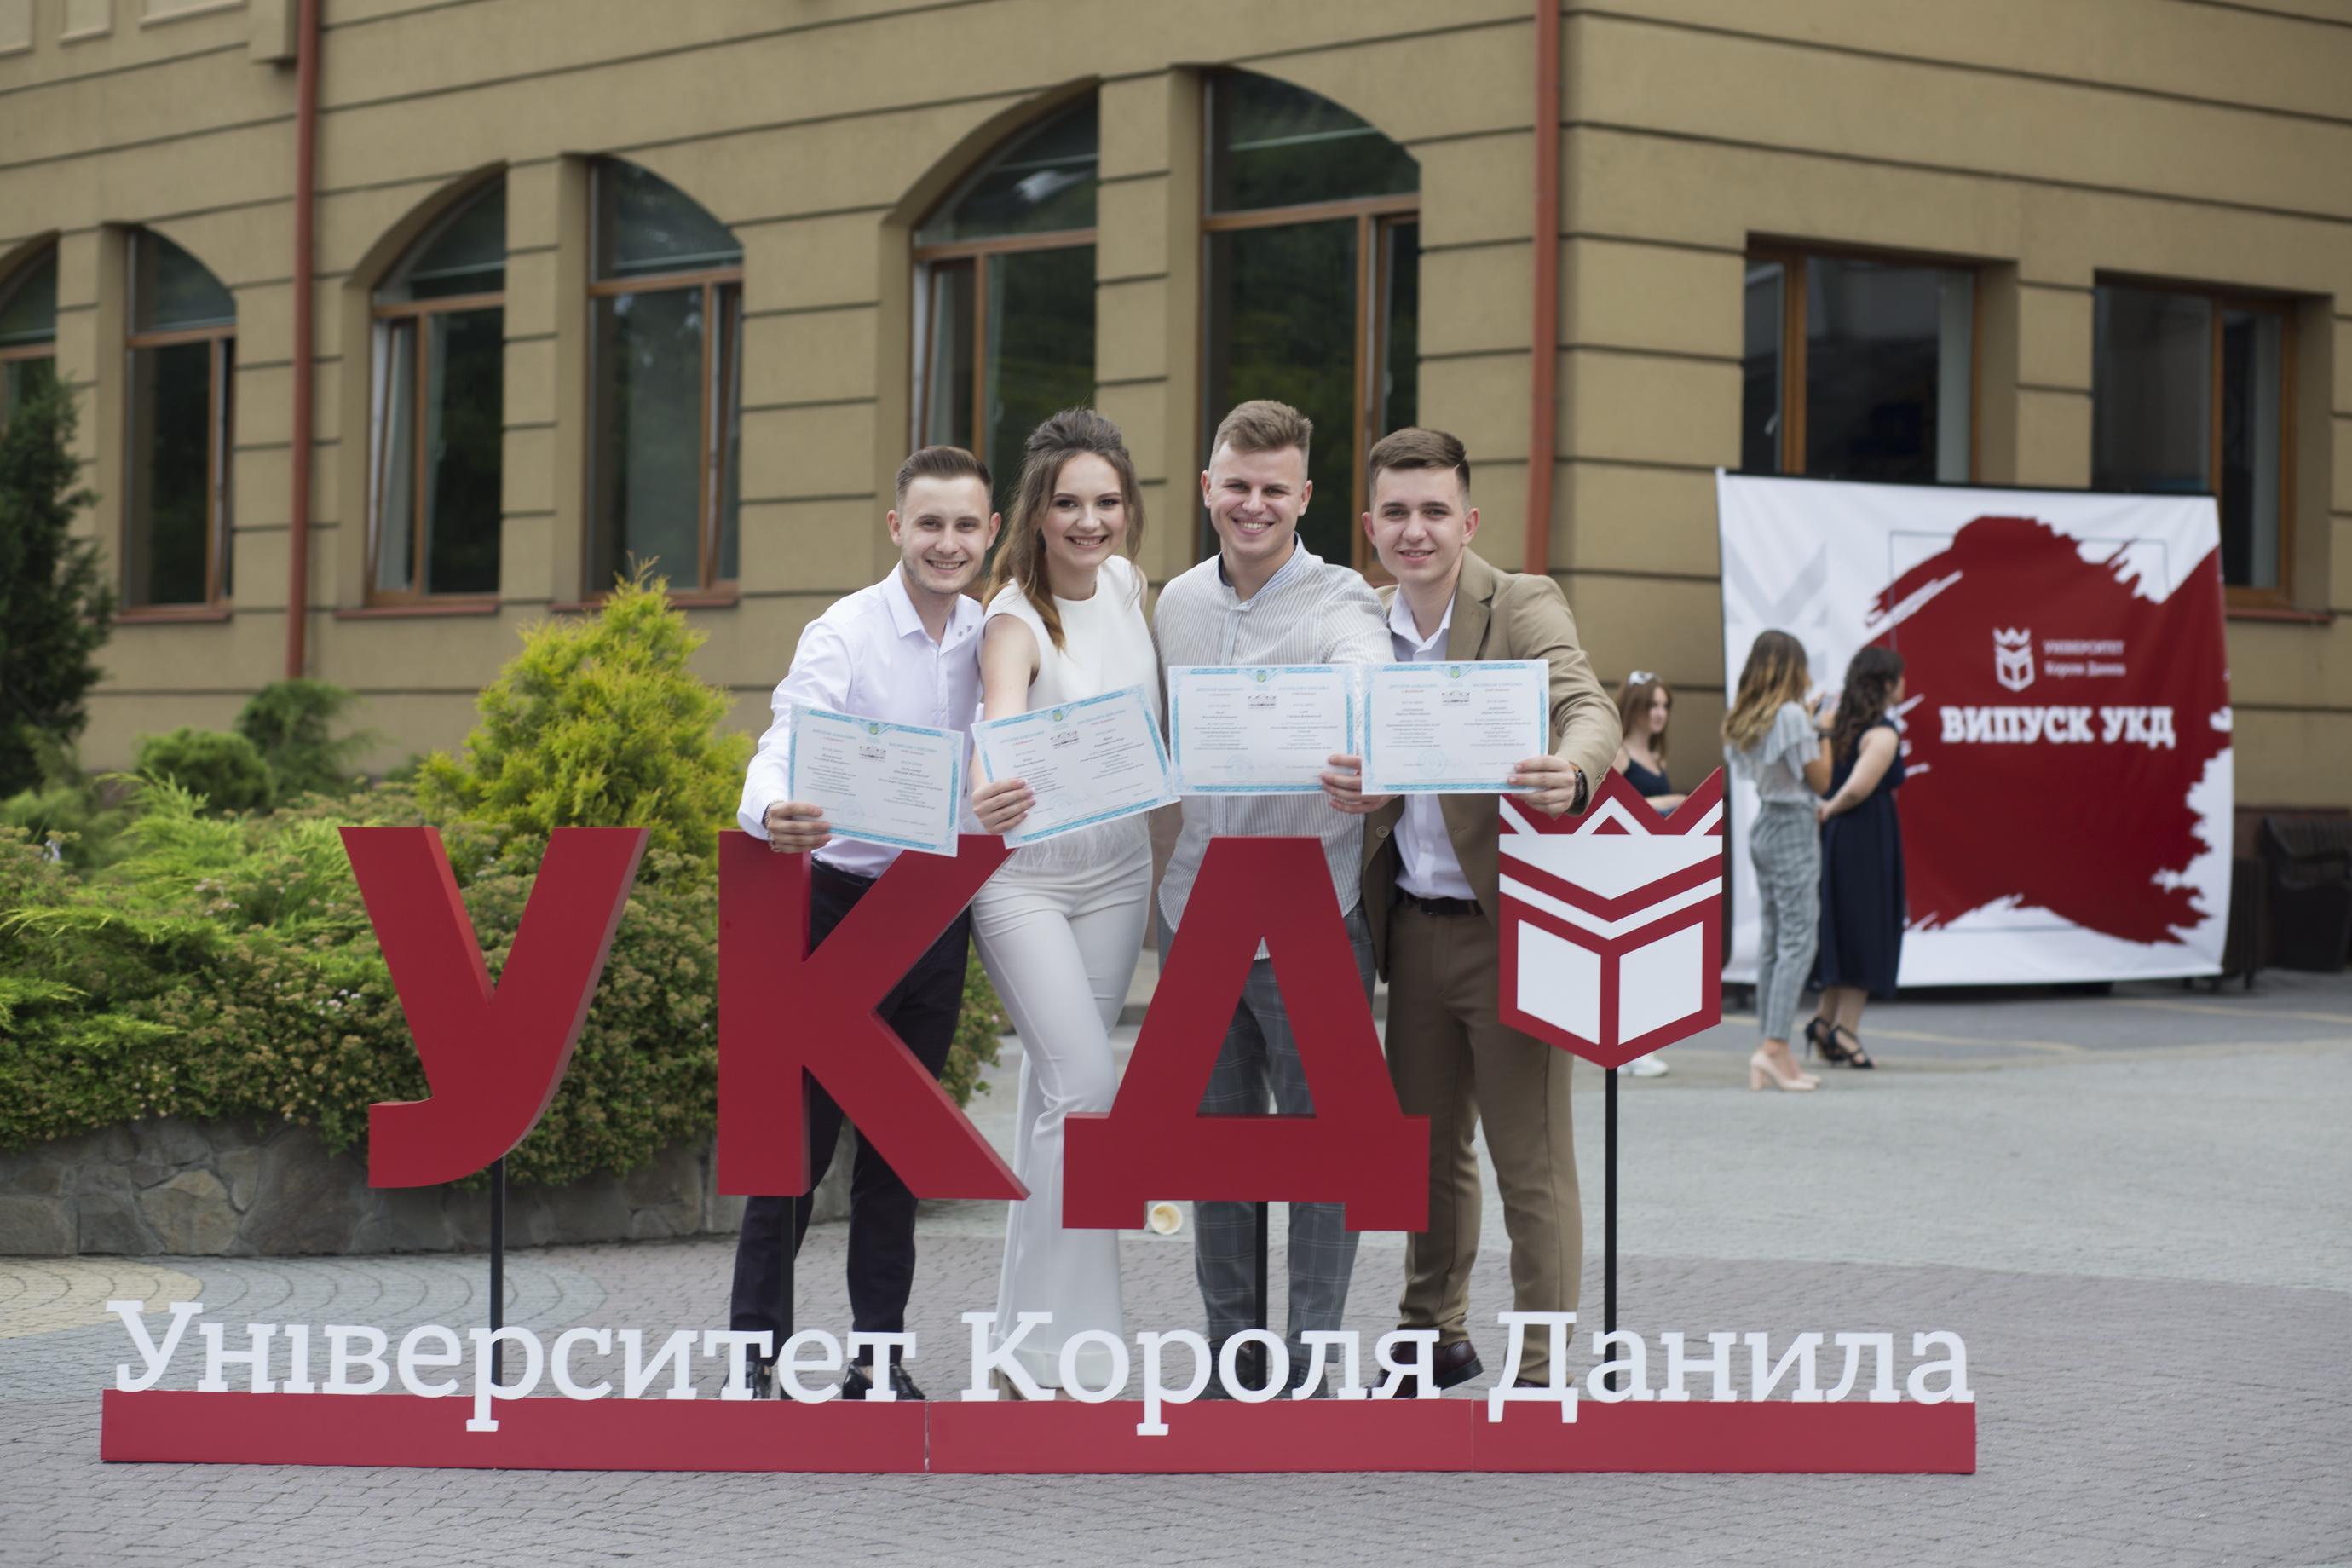 В Університеті Короля Данила відбулося урочисте вручення дипломів випускникам